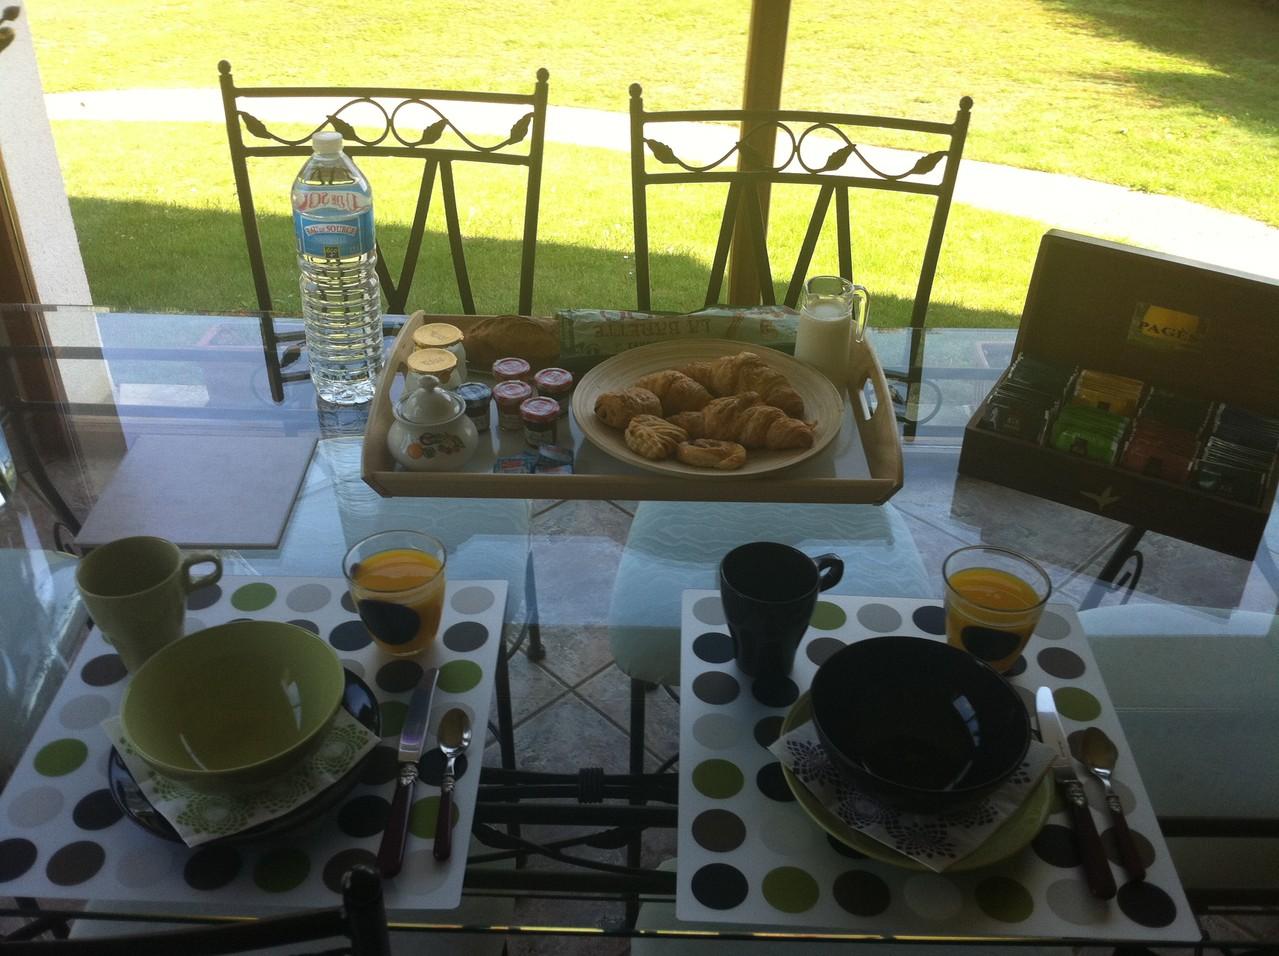 Petit-dejeuner Reilly dans l'Oise